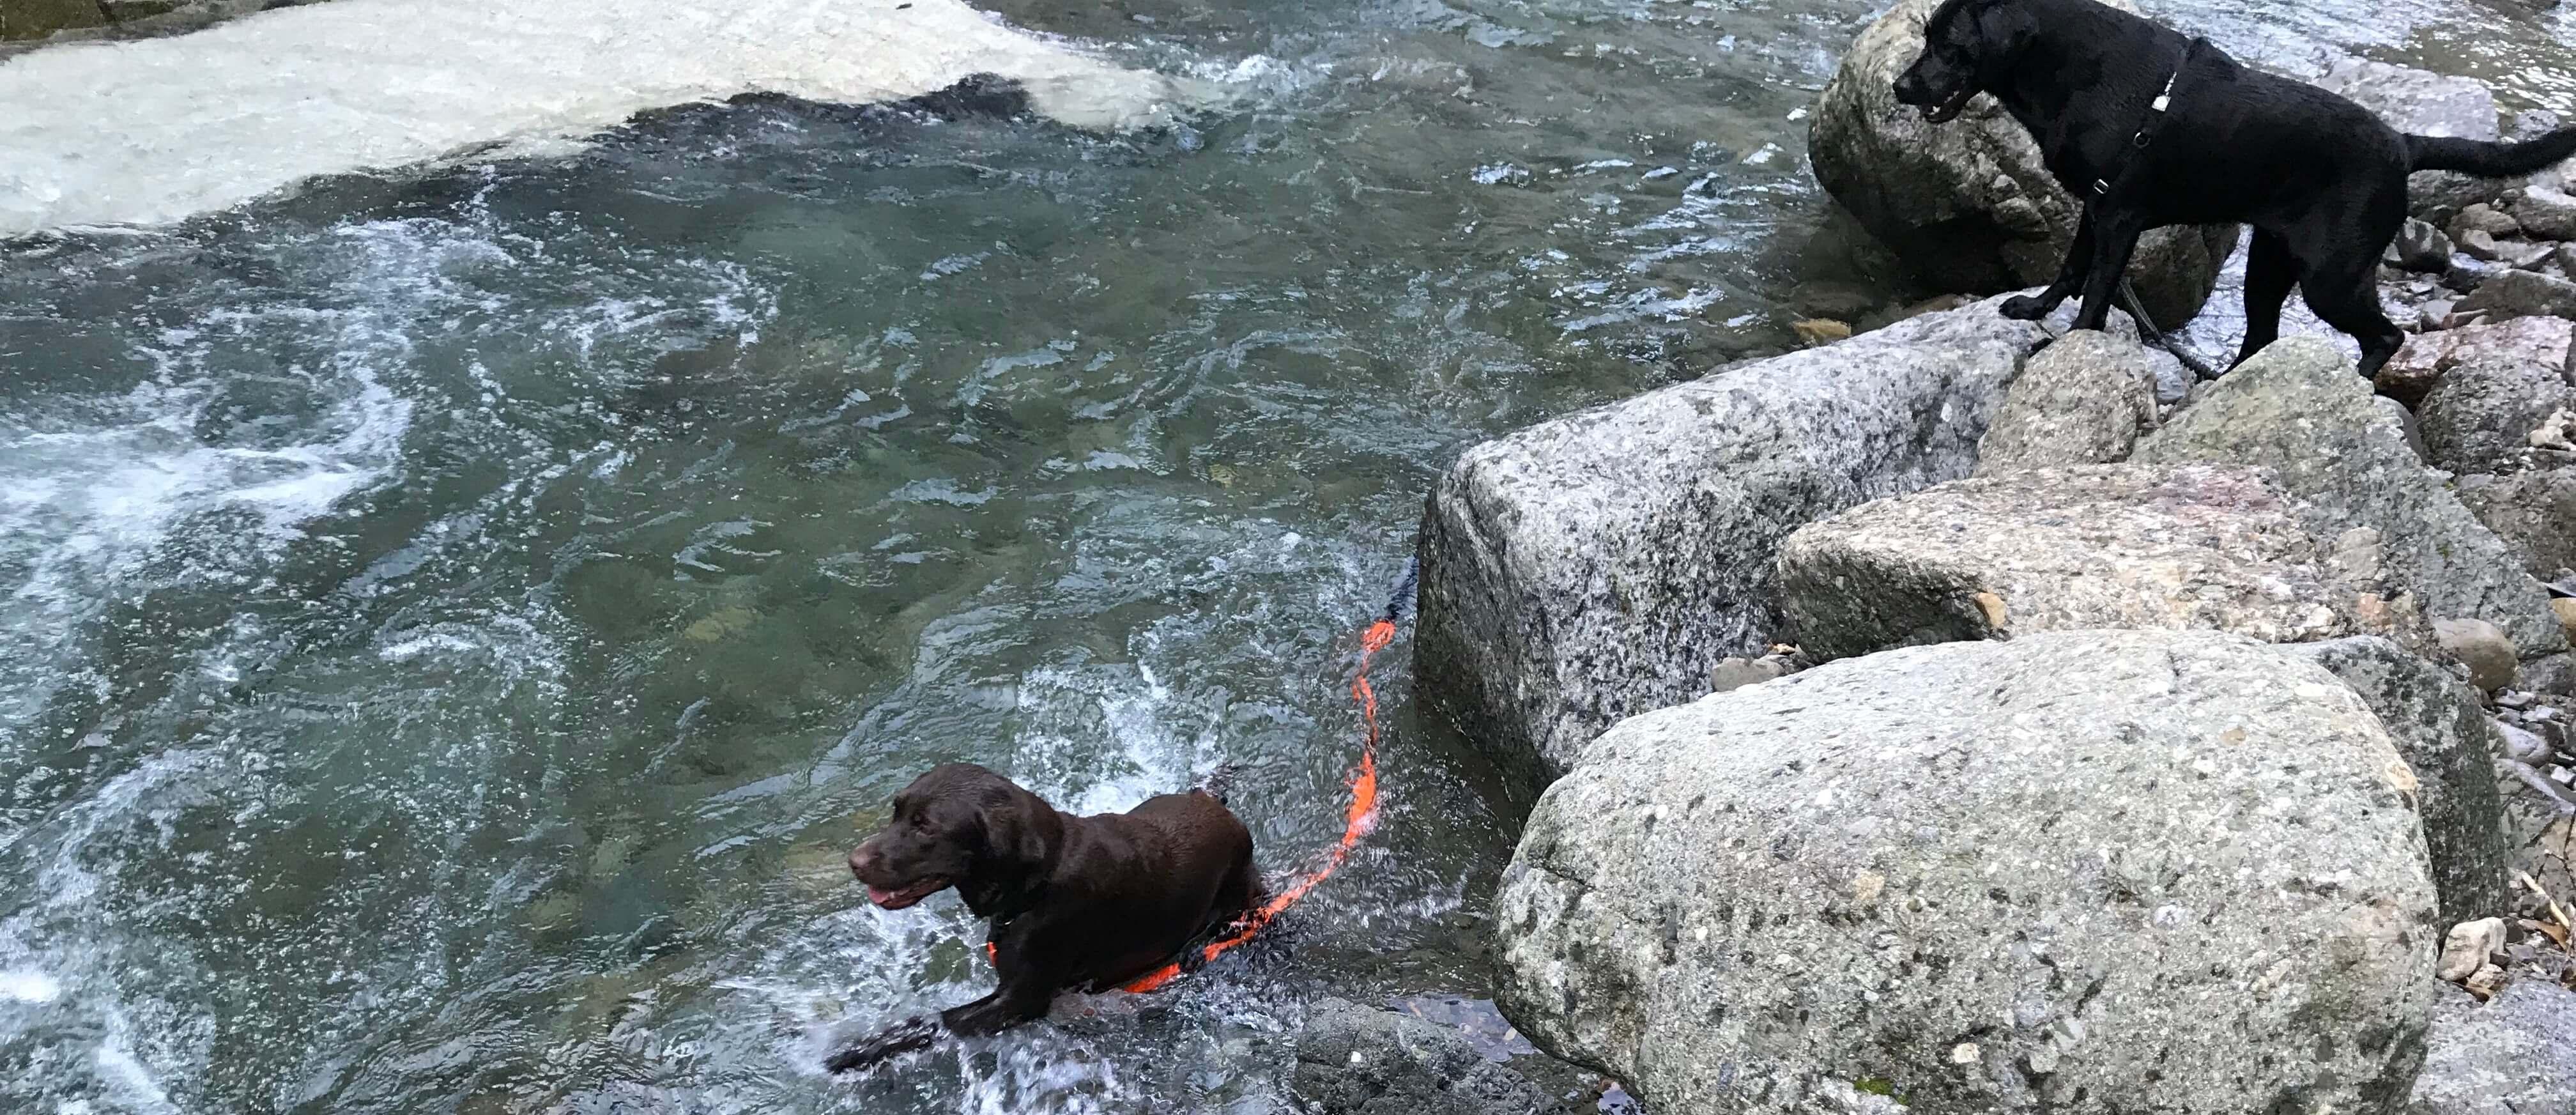 滝畑で川遊び中の黒ラブとチョコラブ